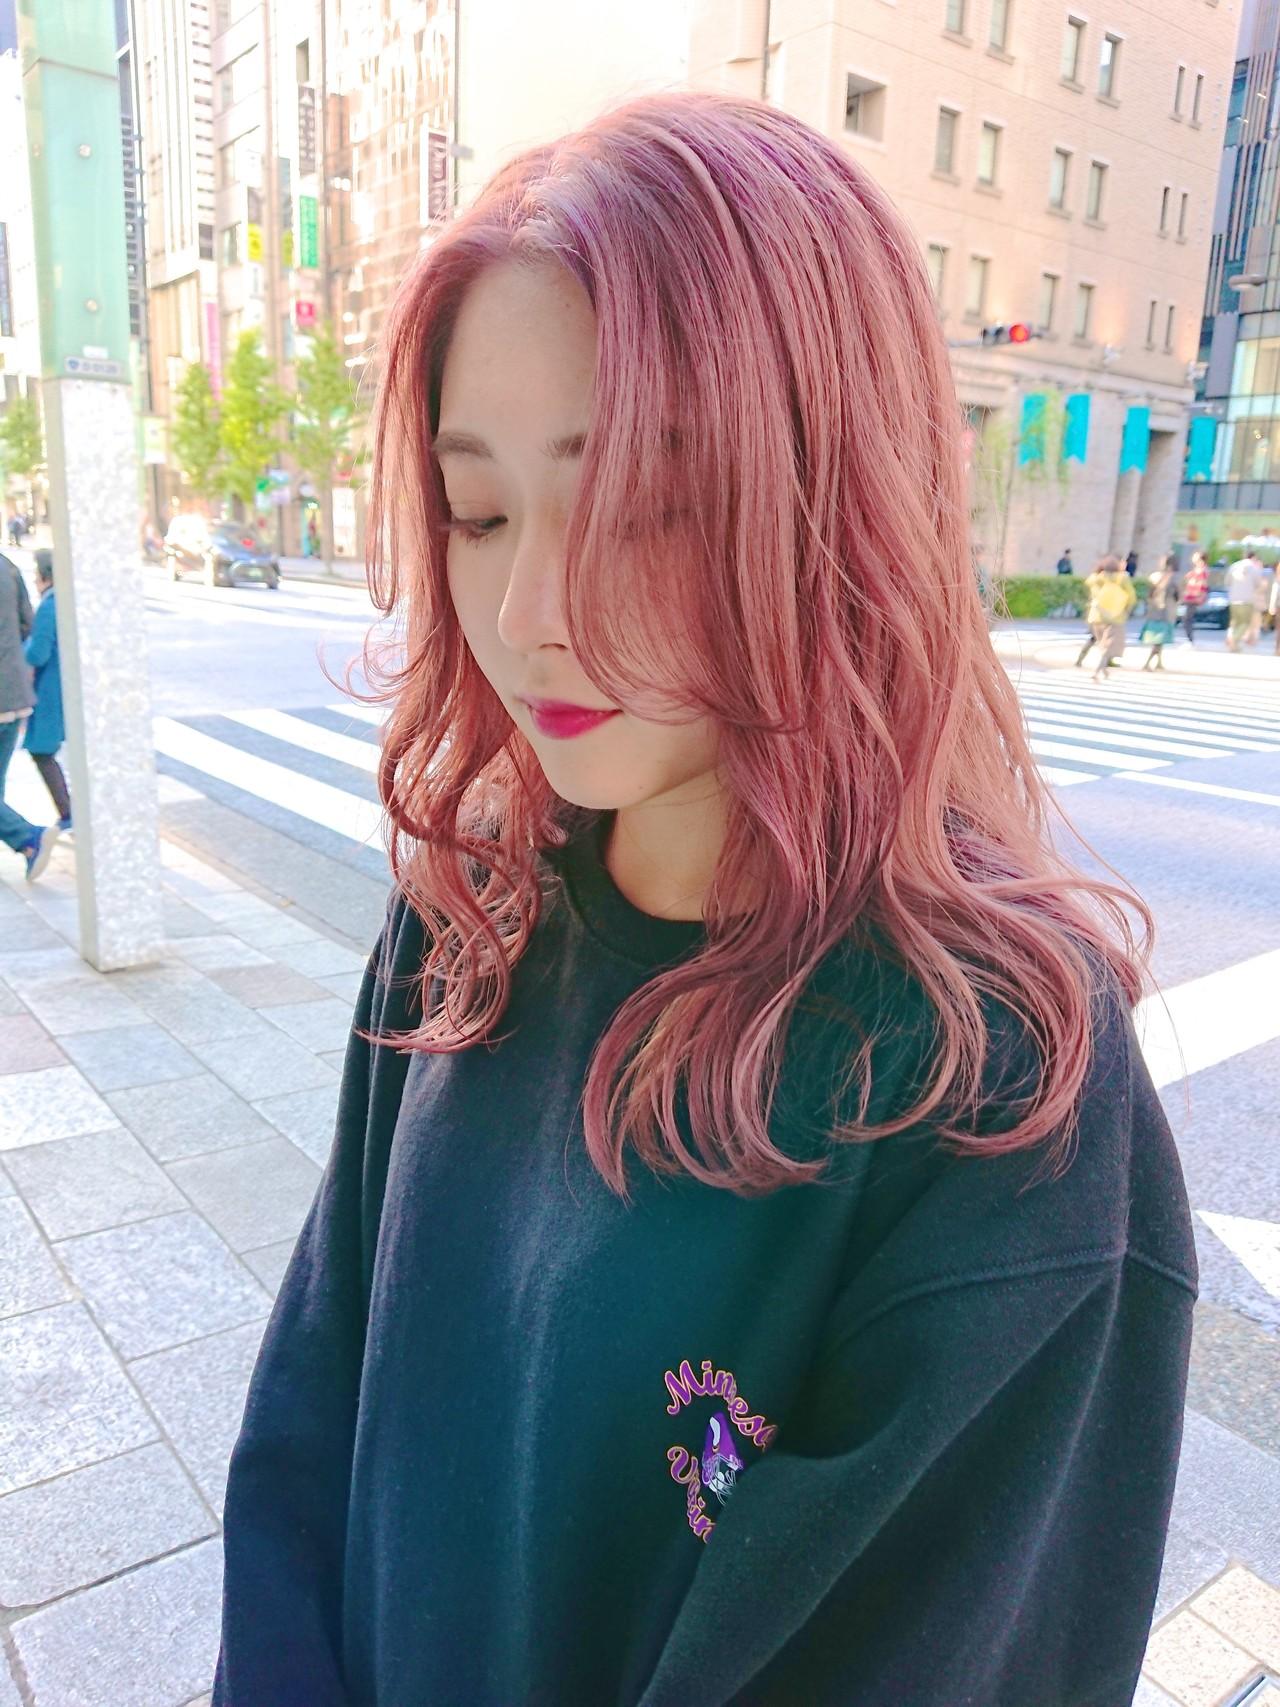 ピンク ヘアスタイル ガーリー イルミナカラー ヘアスタイルや髪型の写真・画像 | MATSUDA / HAIR DERA'S 中央通り店